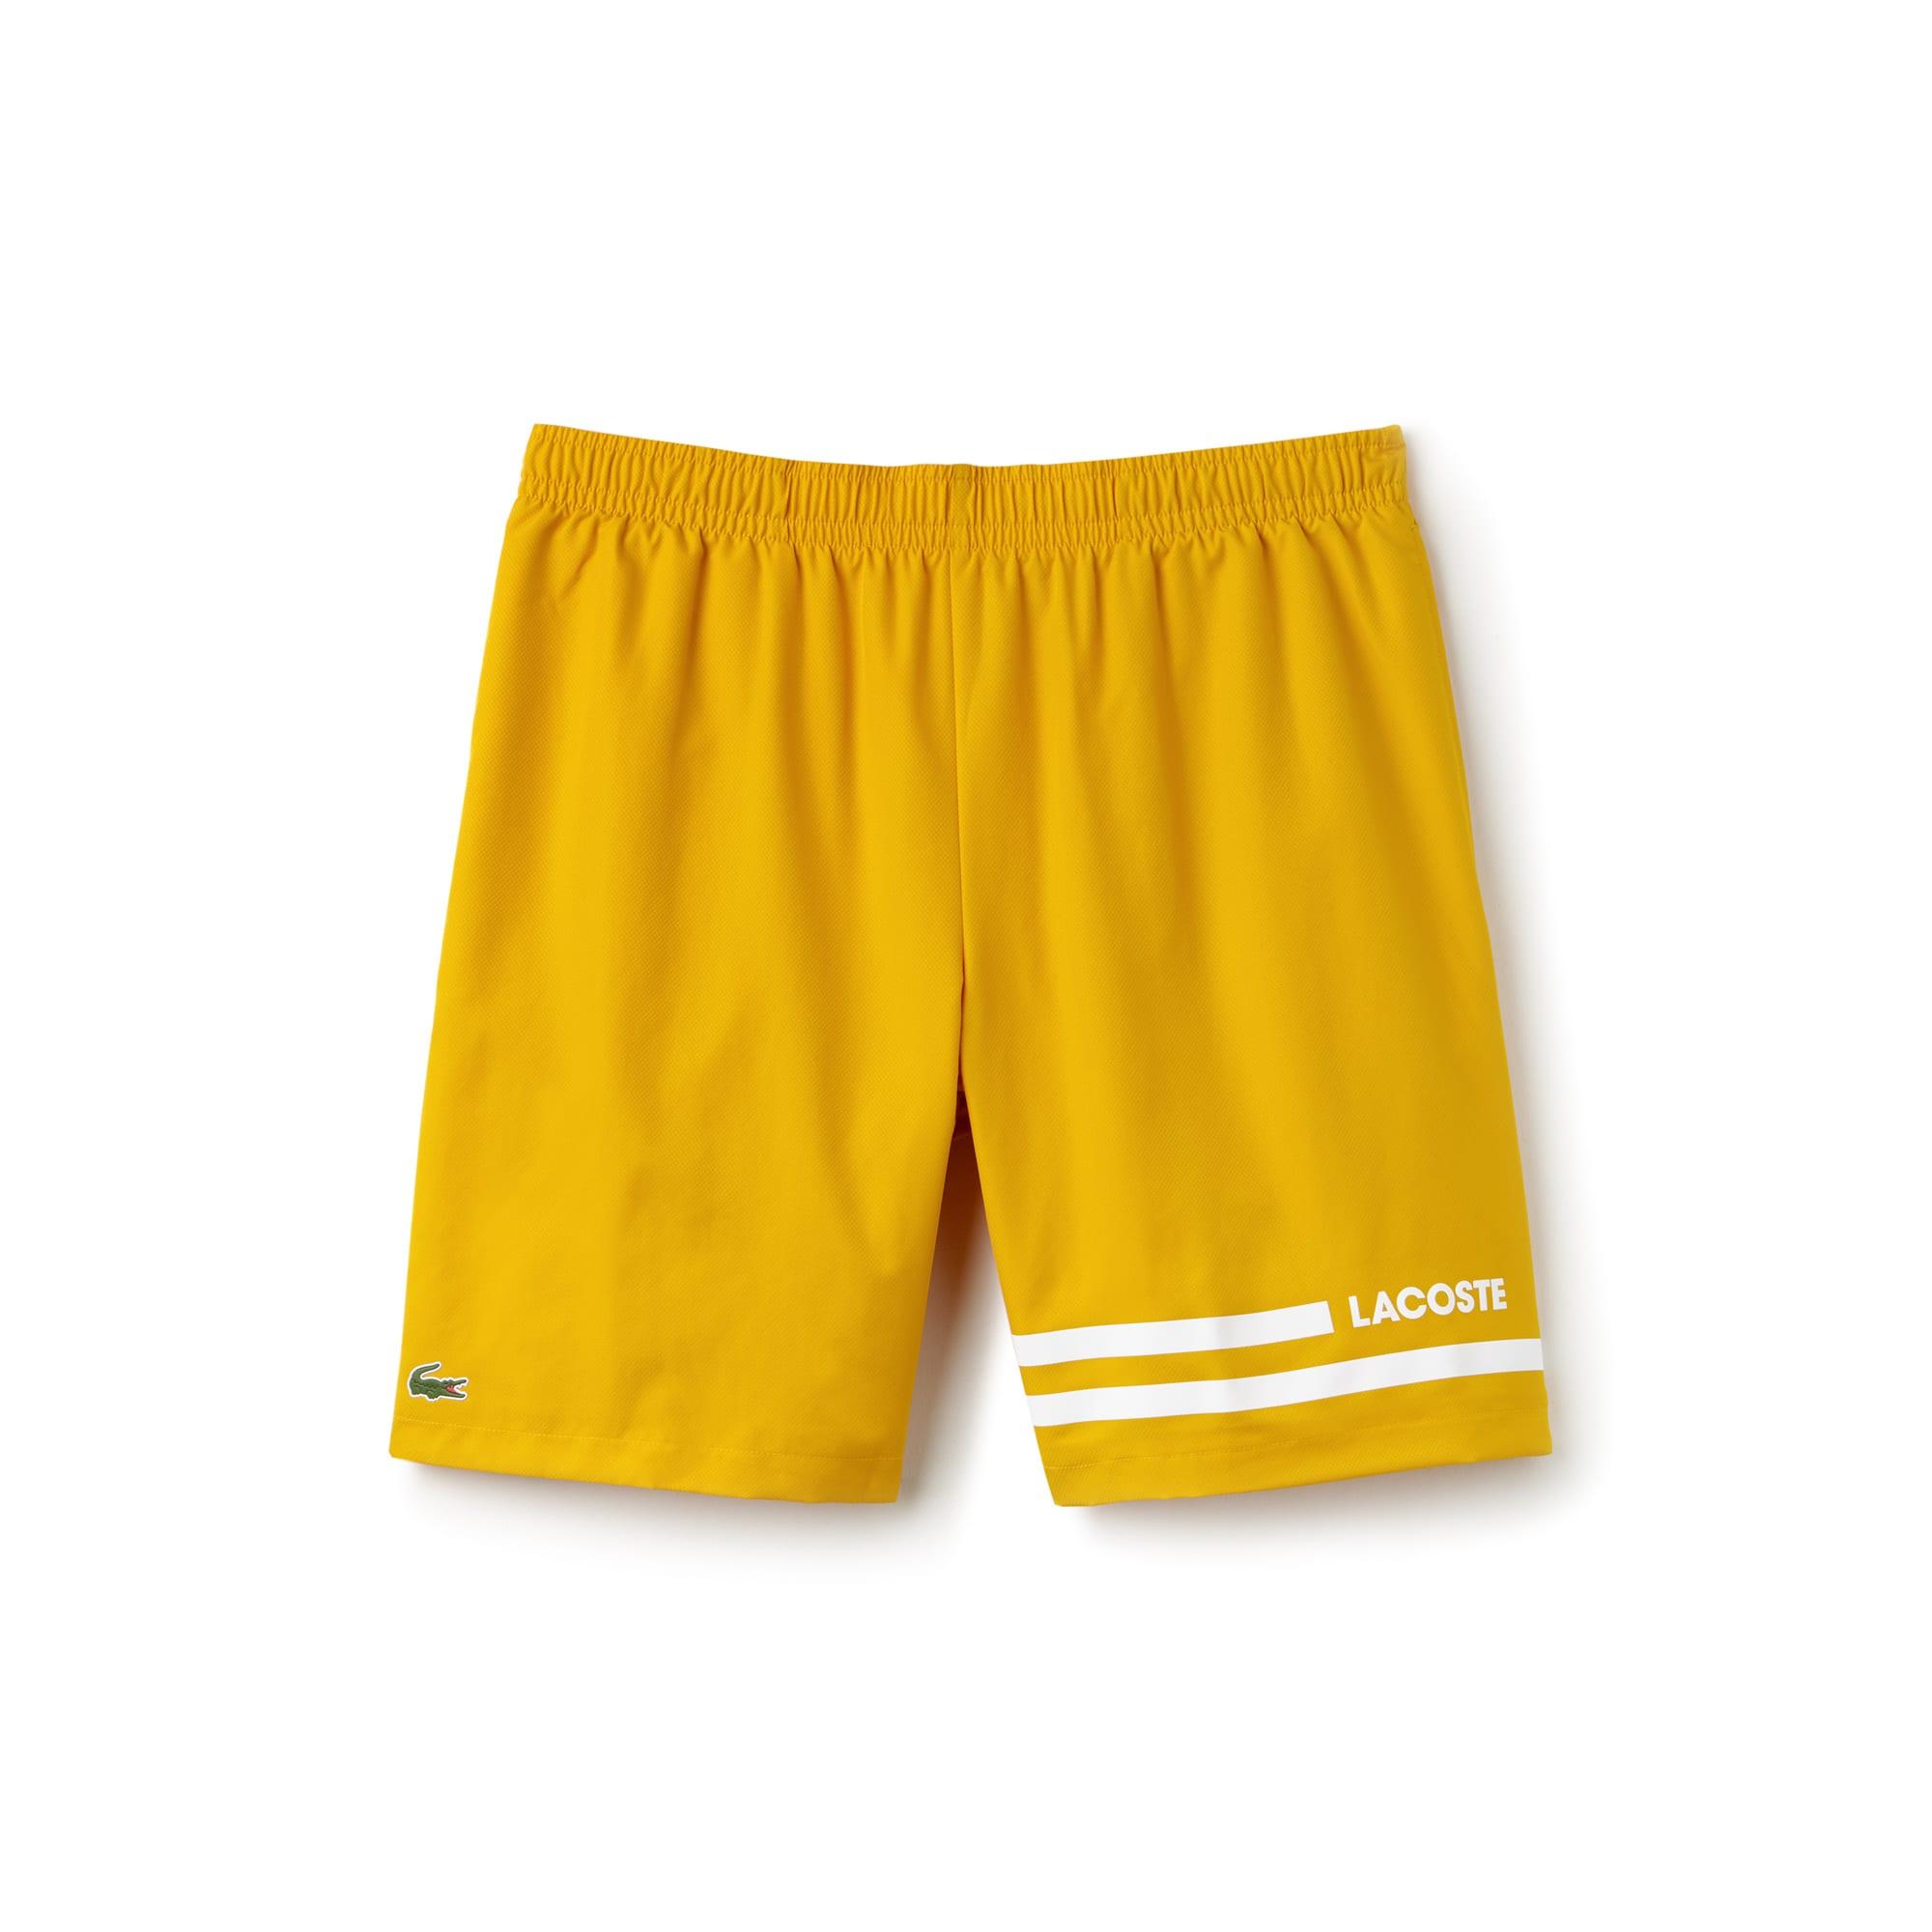 Lacoste SPORT Tennis-short heren taf met contrasterende strepen